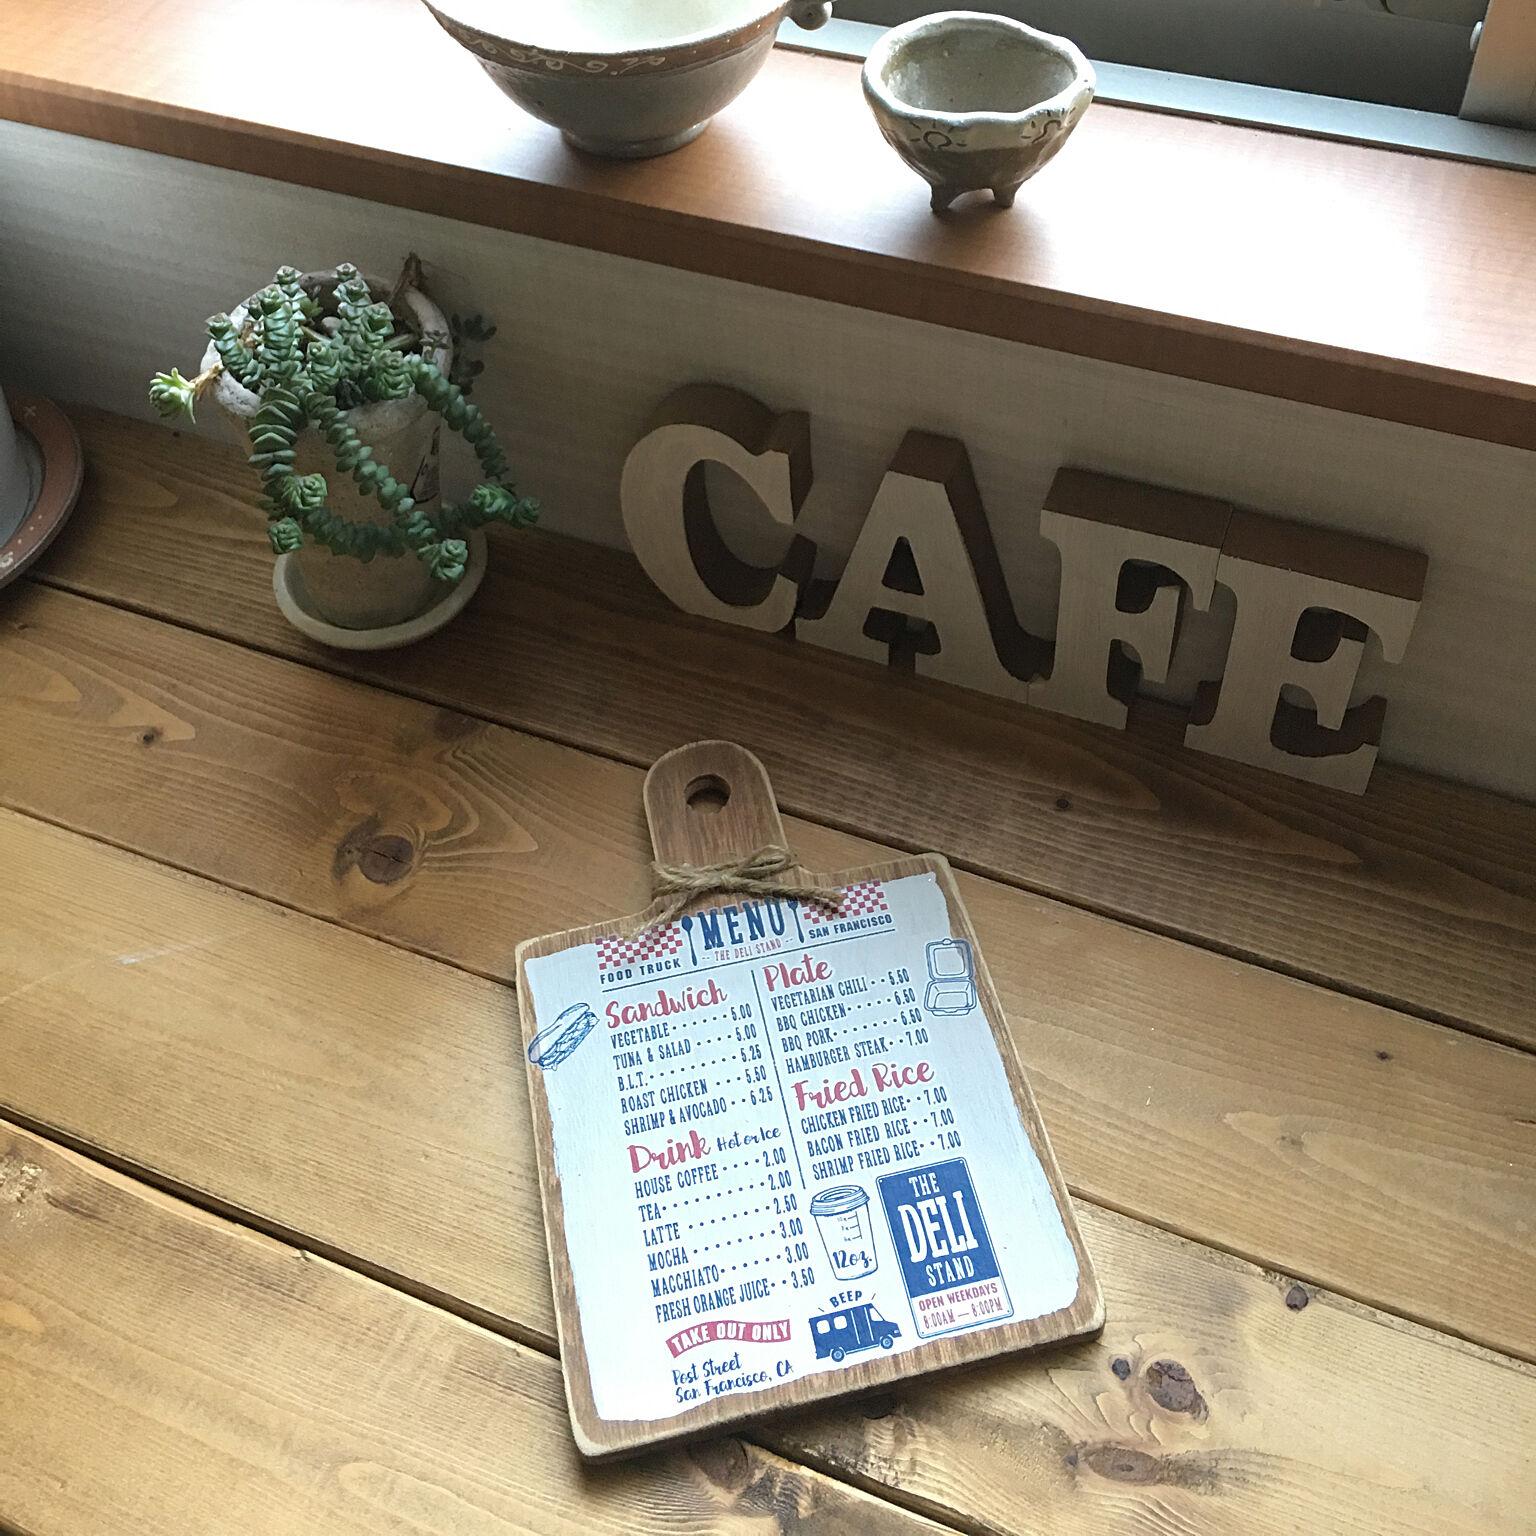 「転写シール活用術!カッティングボードでカフェメニュー風ボード」 by meguko.ryanさん